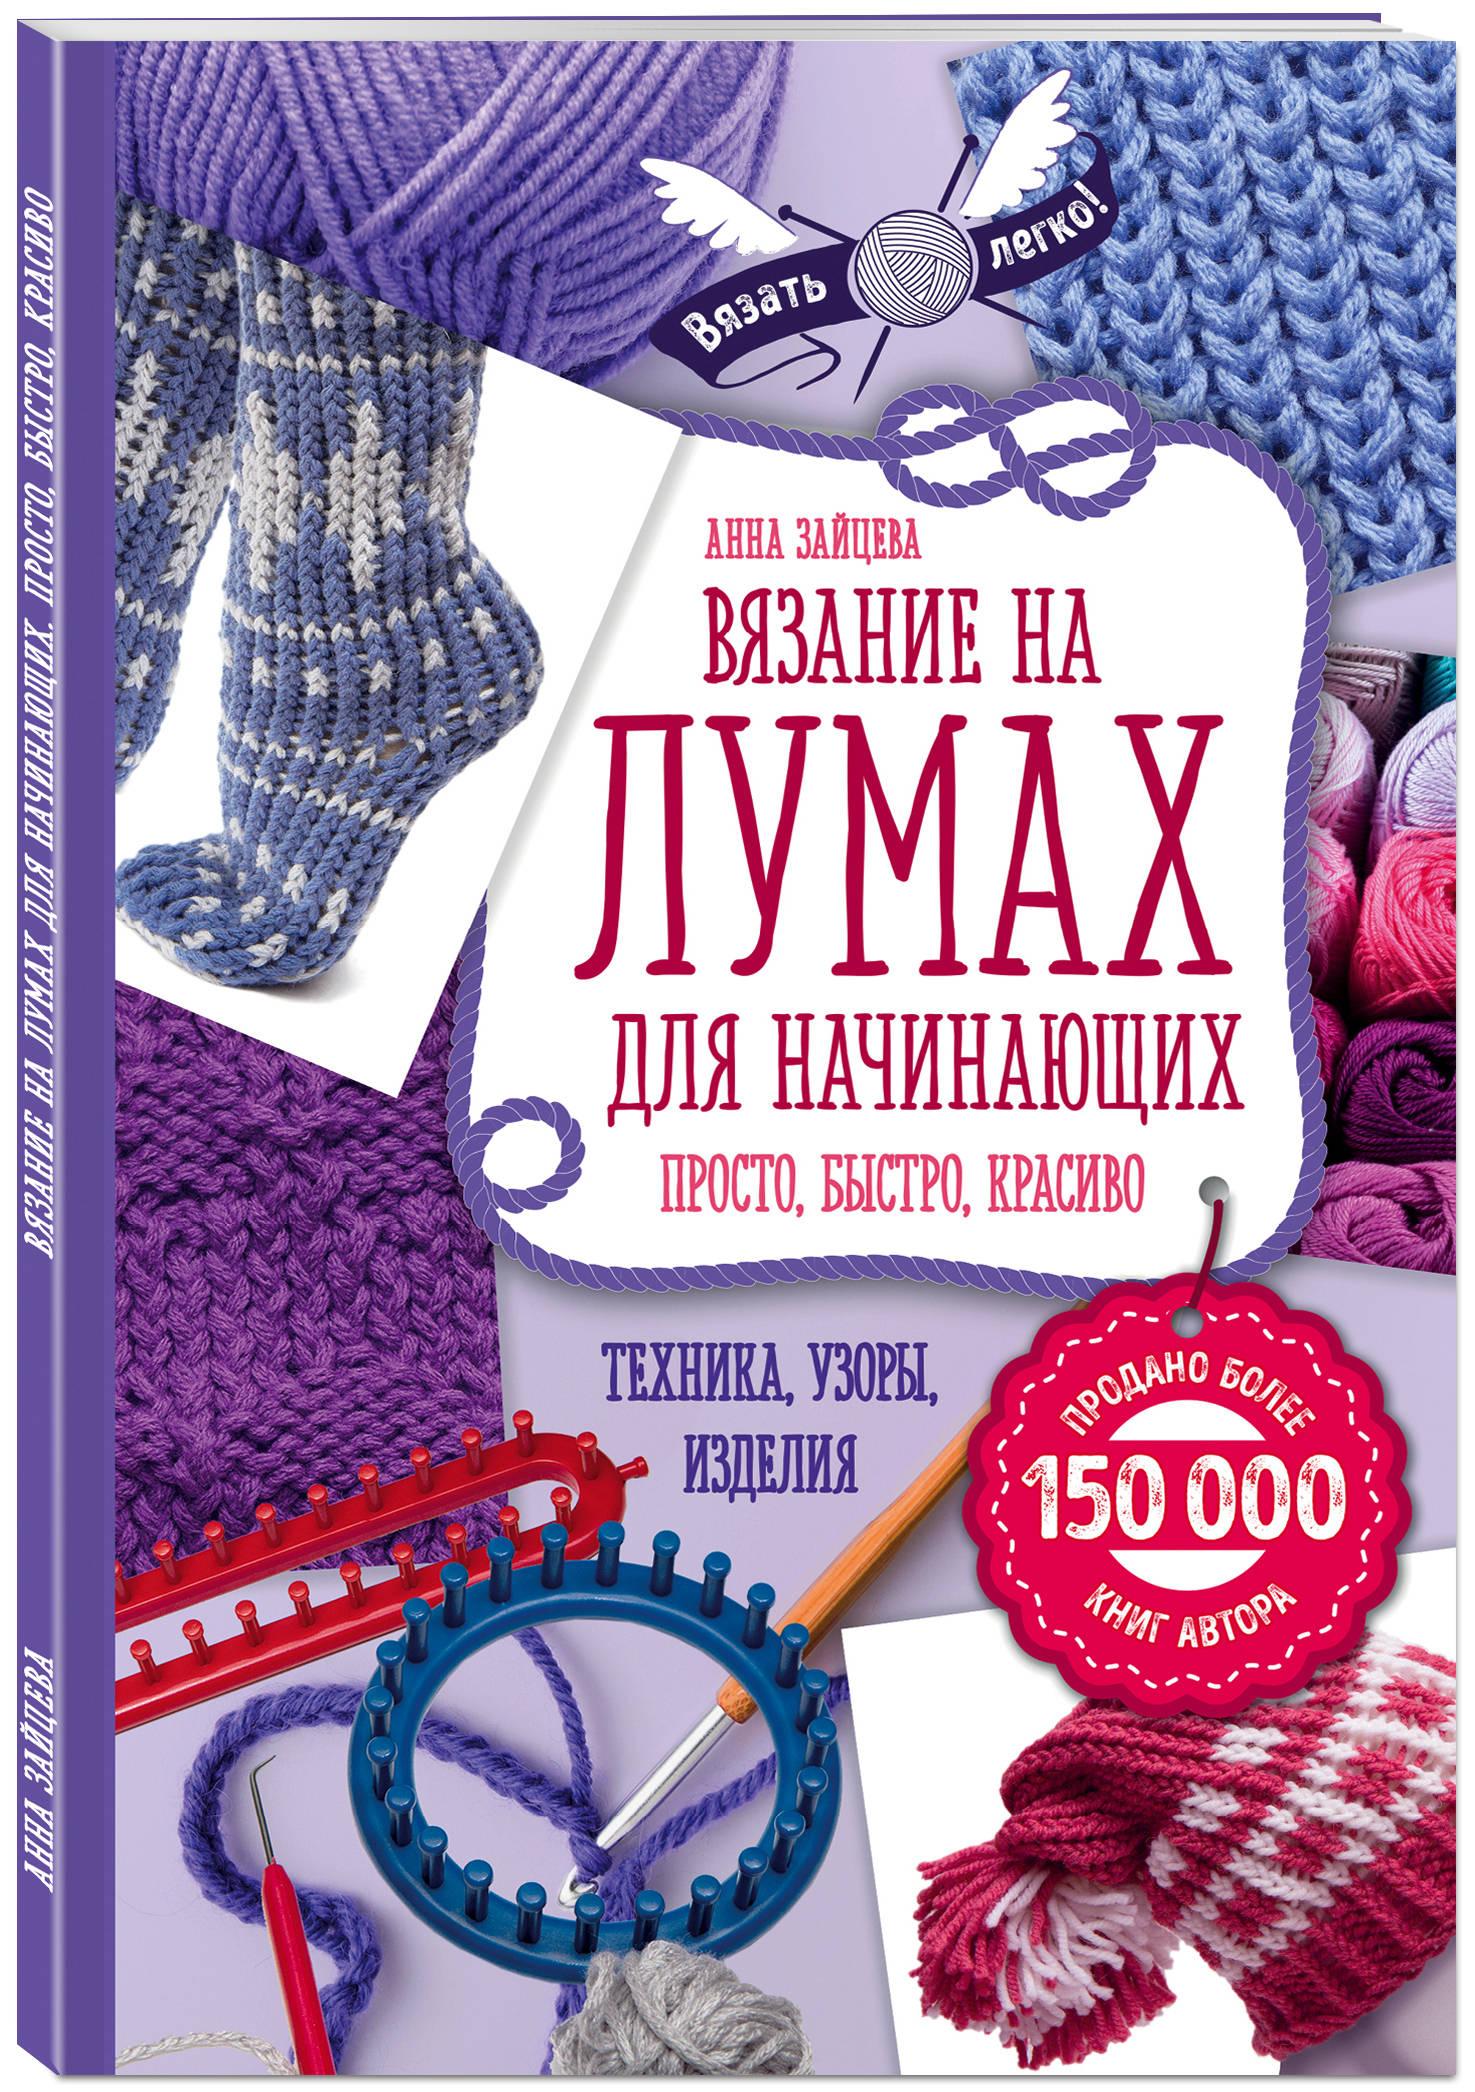 Анна Зайцева Вязание на лумах для начинающих. Просто, быстро, красиво. Техника, узоры, изделия